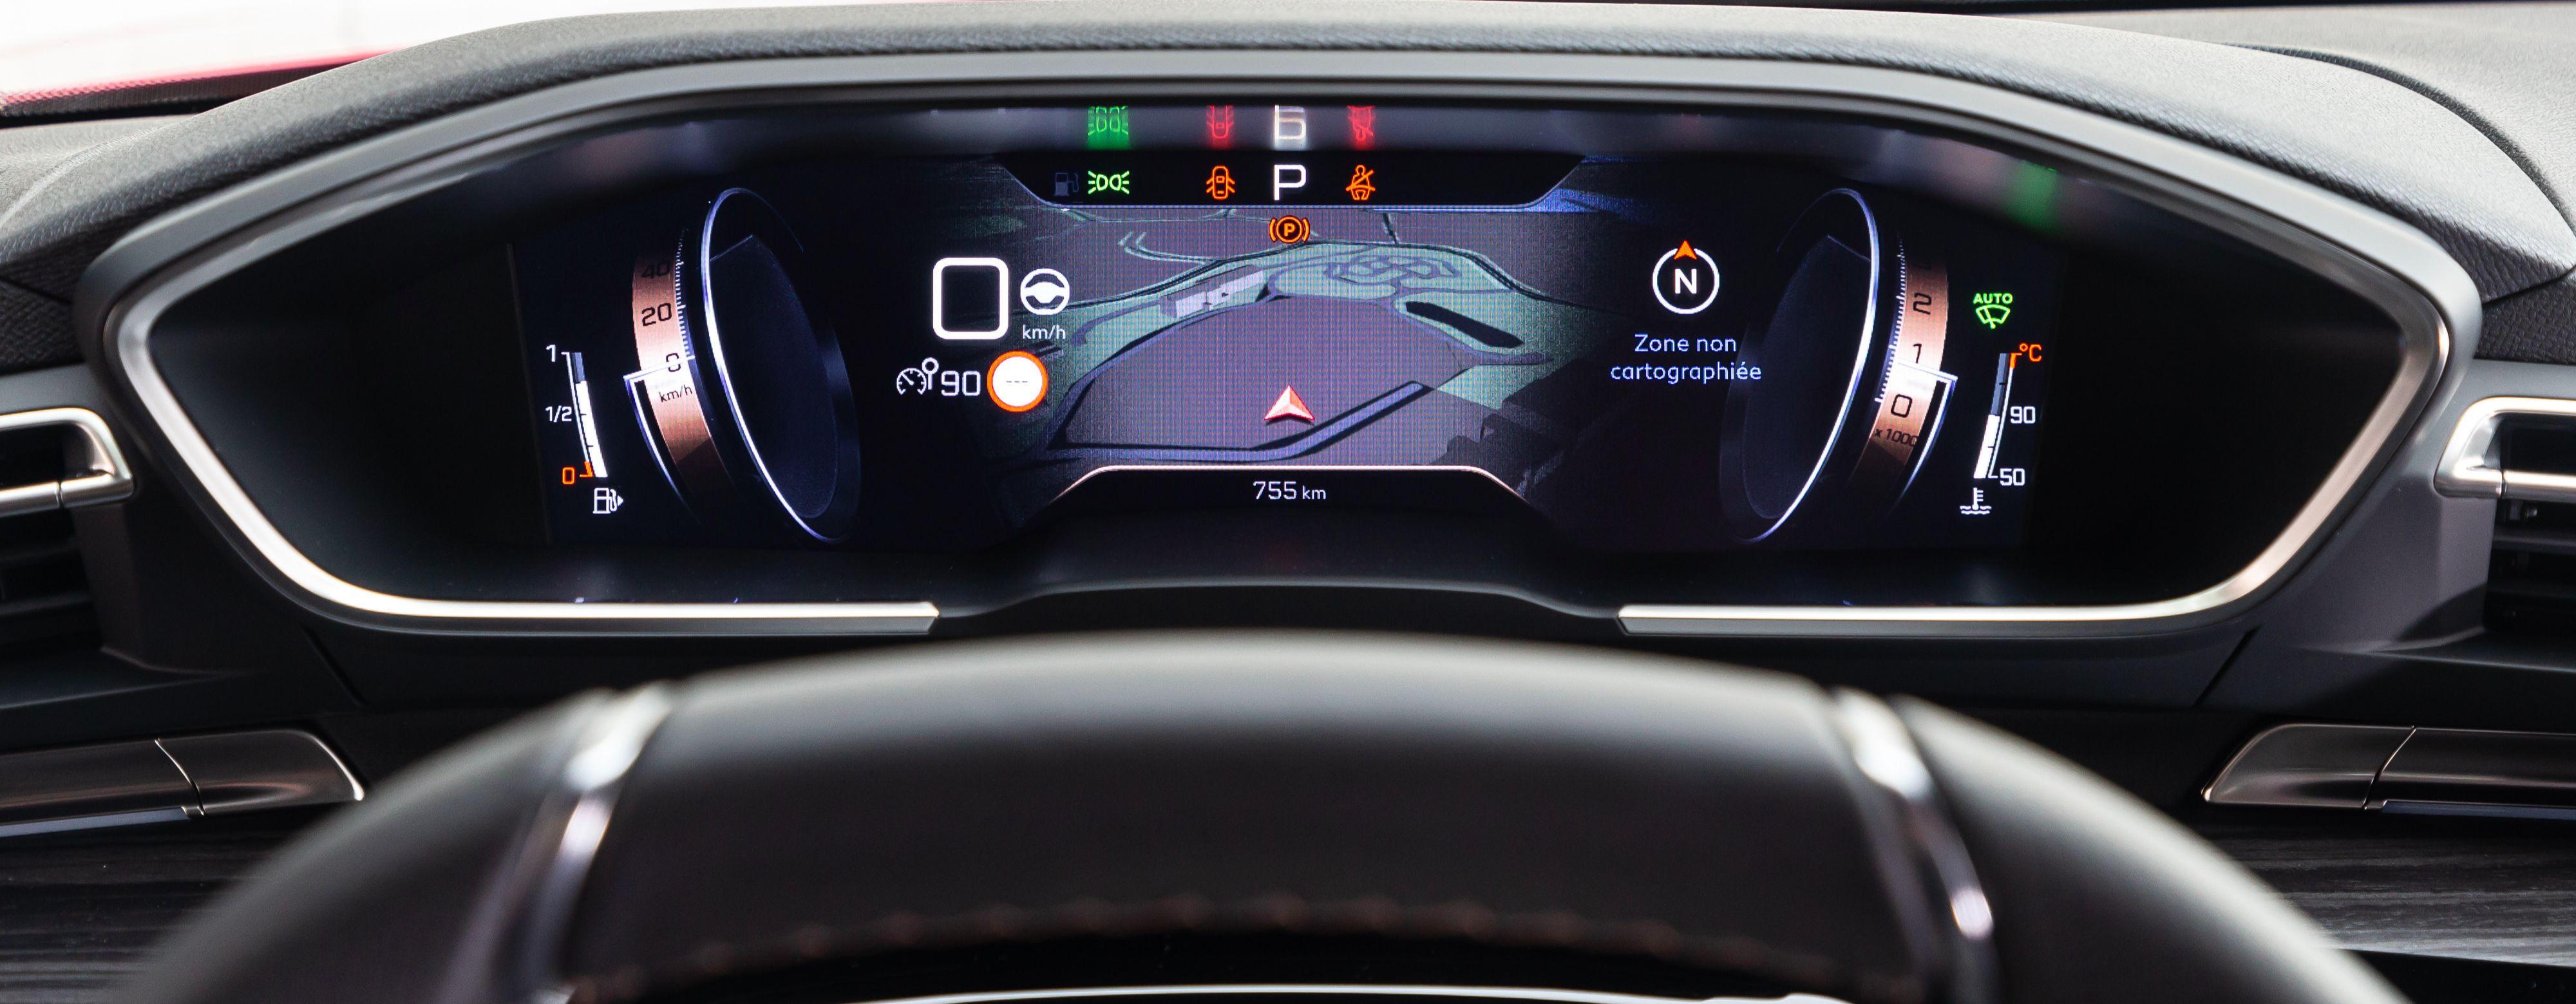 Peugeot 508 :le tableau de bord